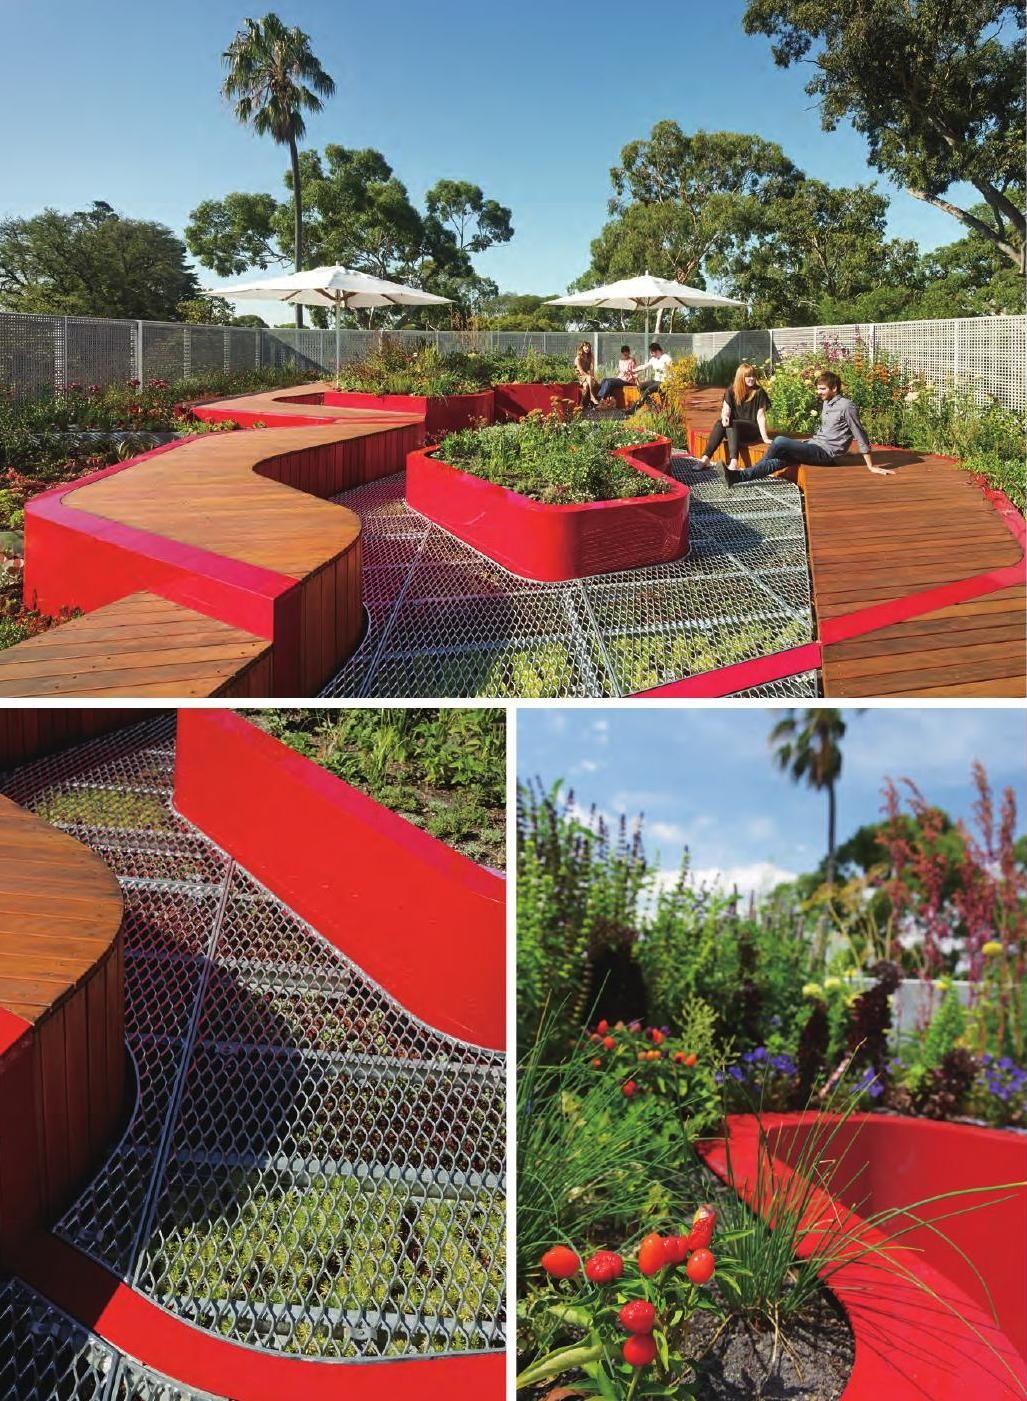 Roof Garden Landscape - World Landscape Case Studies | Roof Garden, Garden Landscaping, Landscape